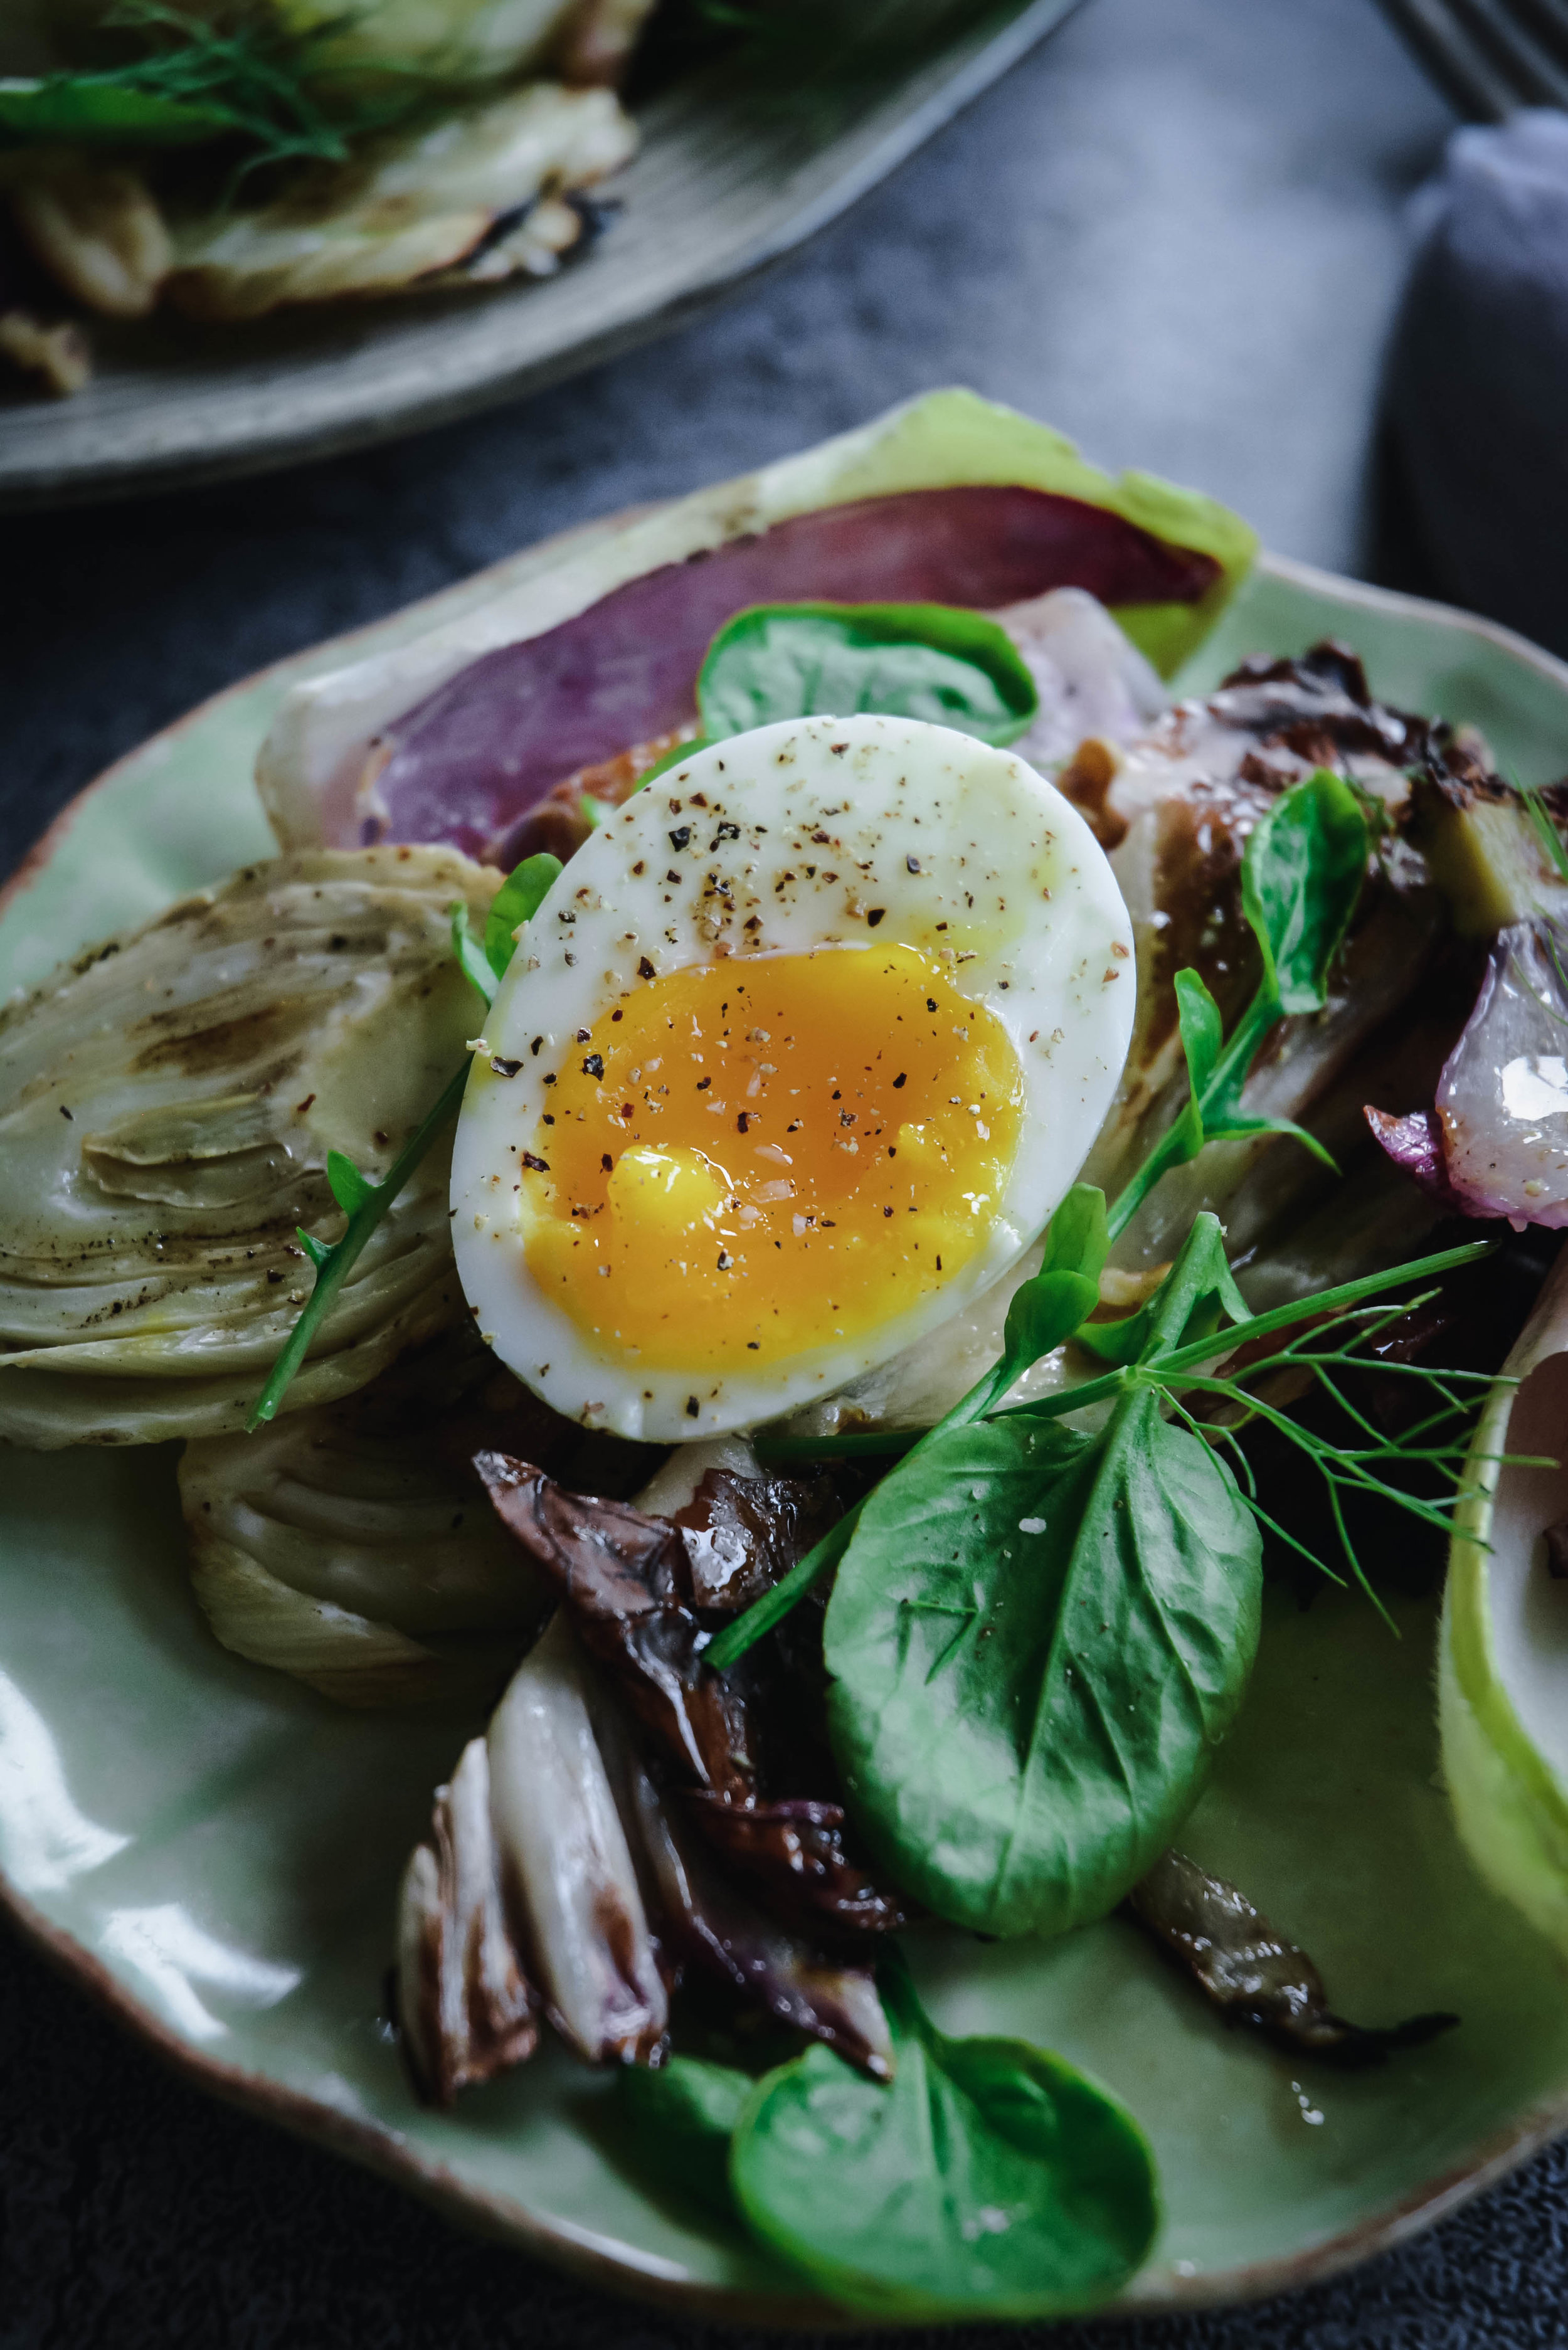 Soft boiled egg on greens